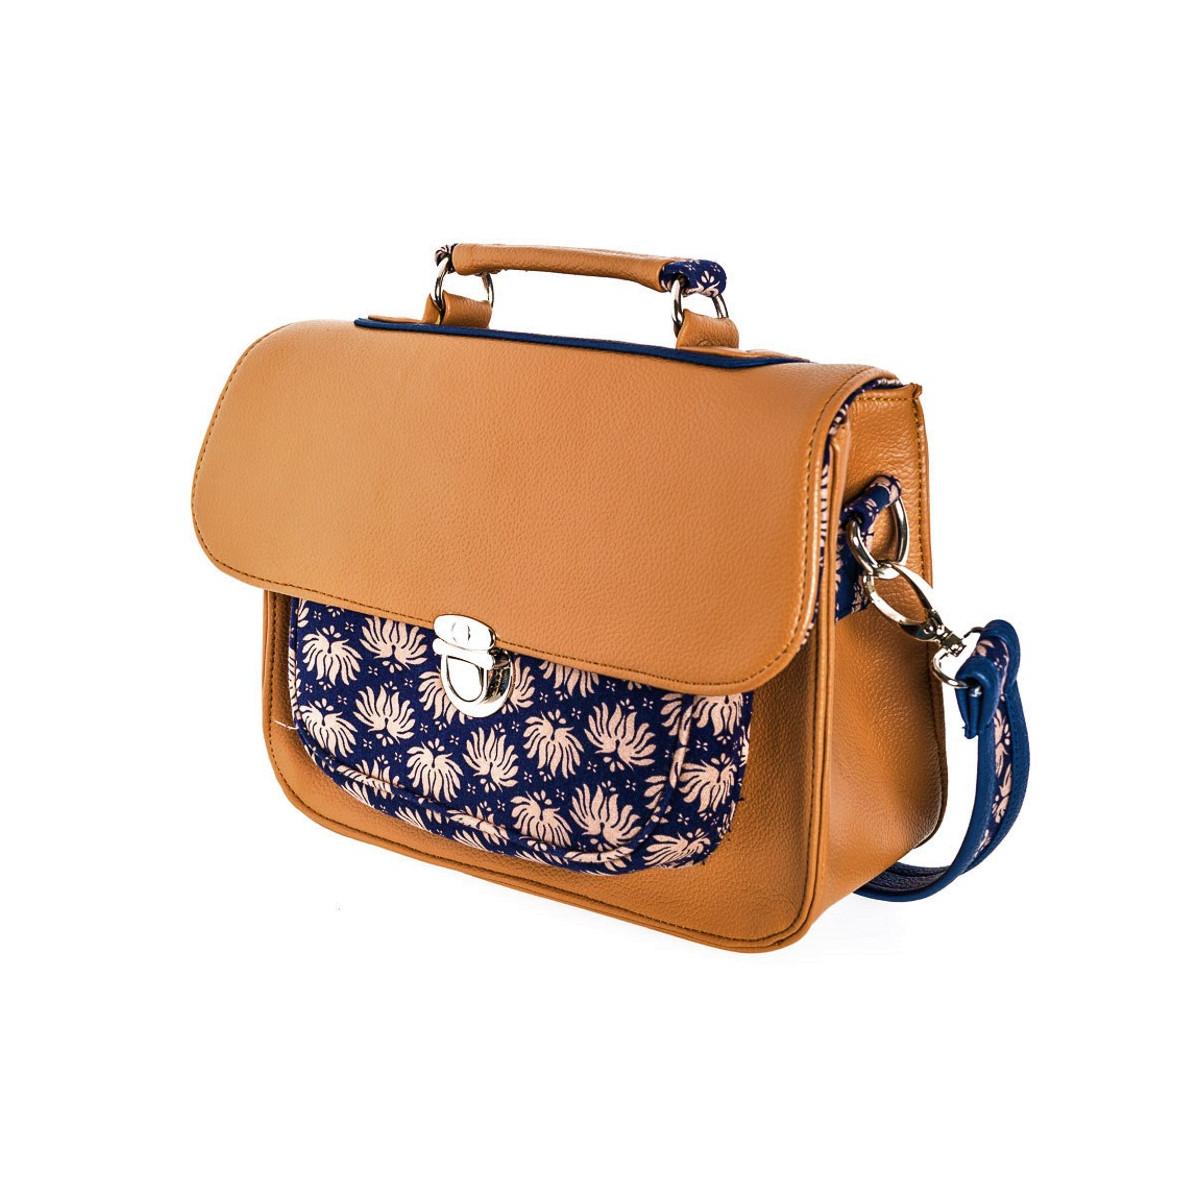 Sac à main bandoulière style cartable rétro marron brun et bleu